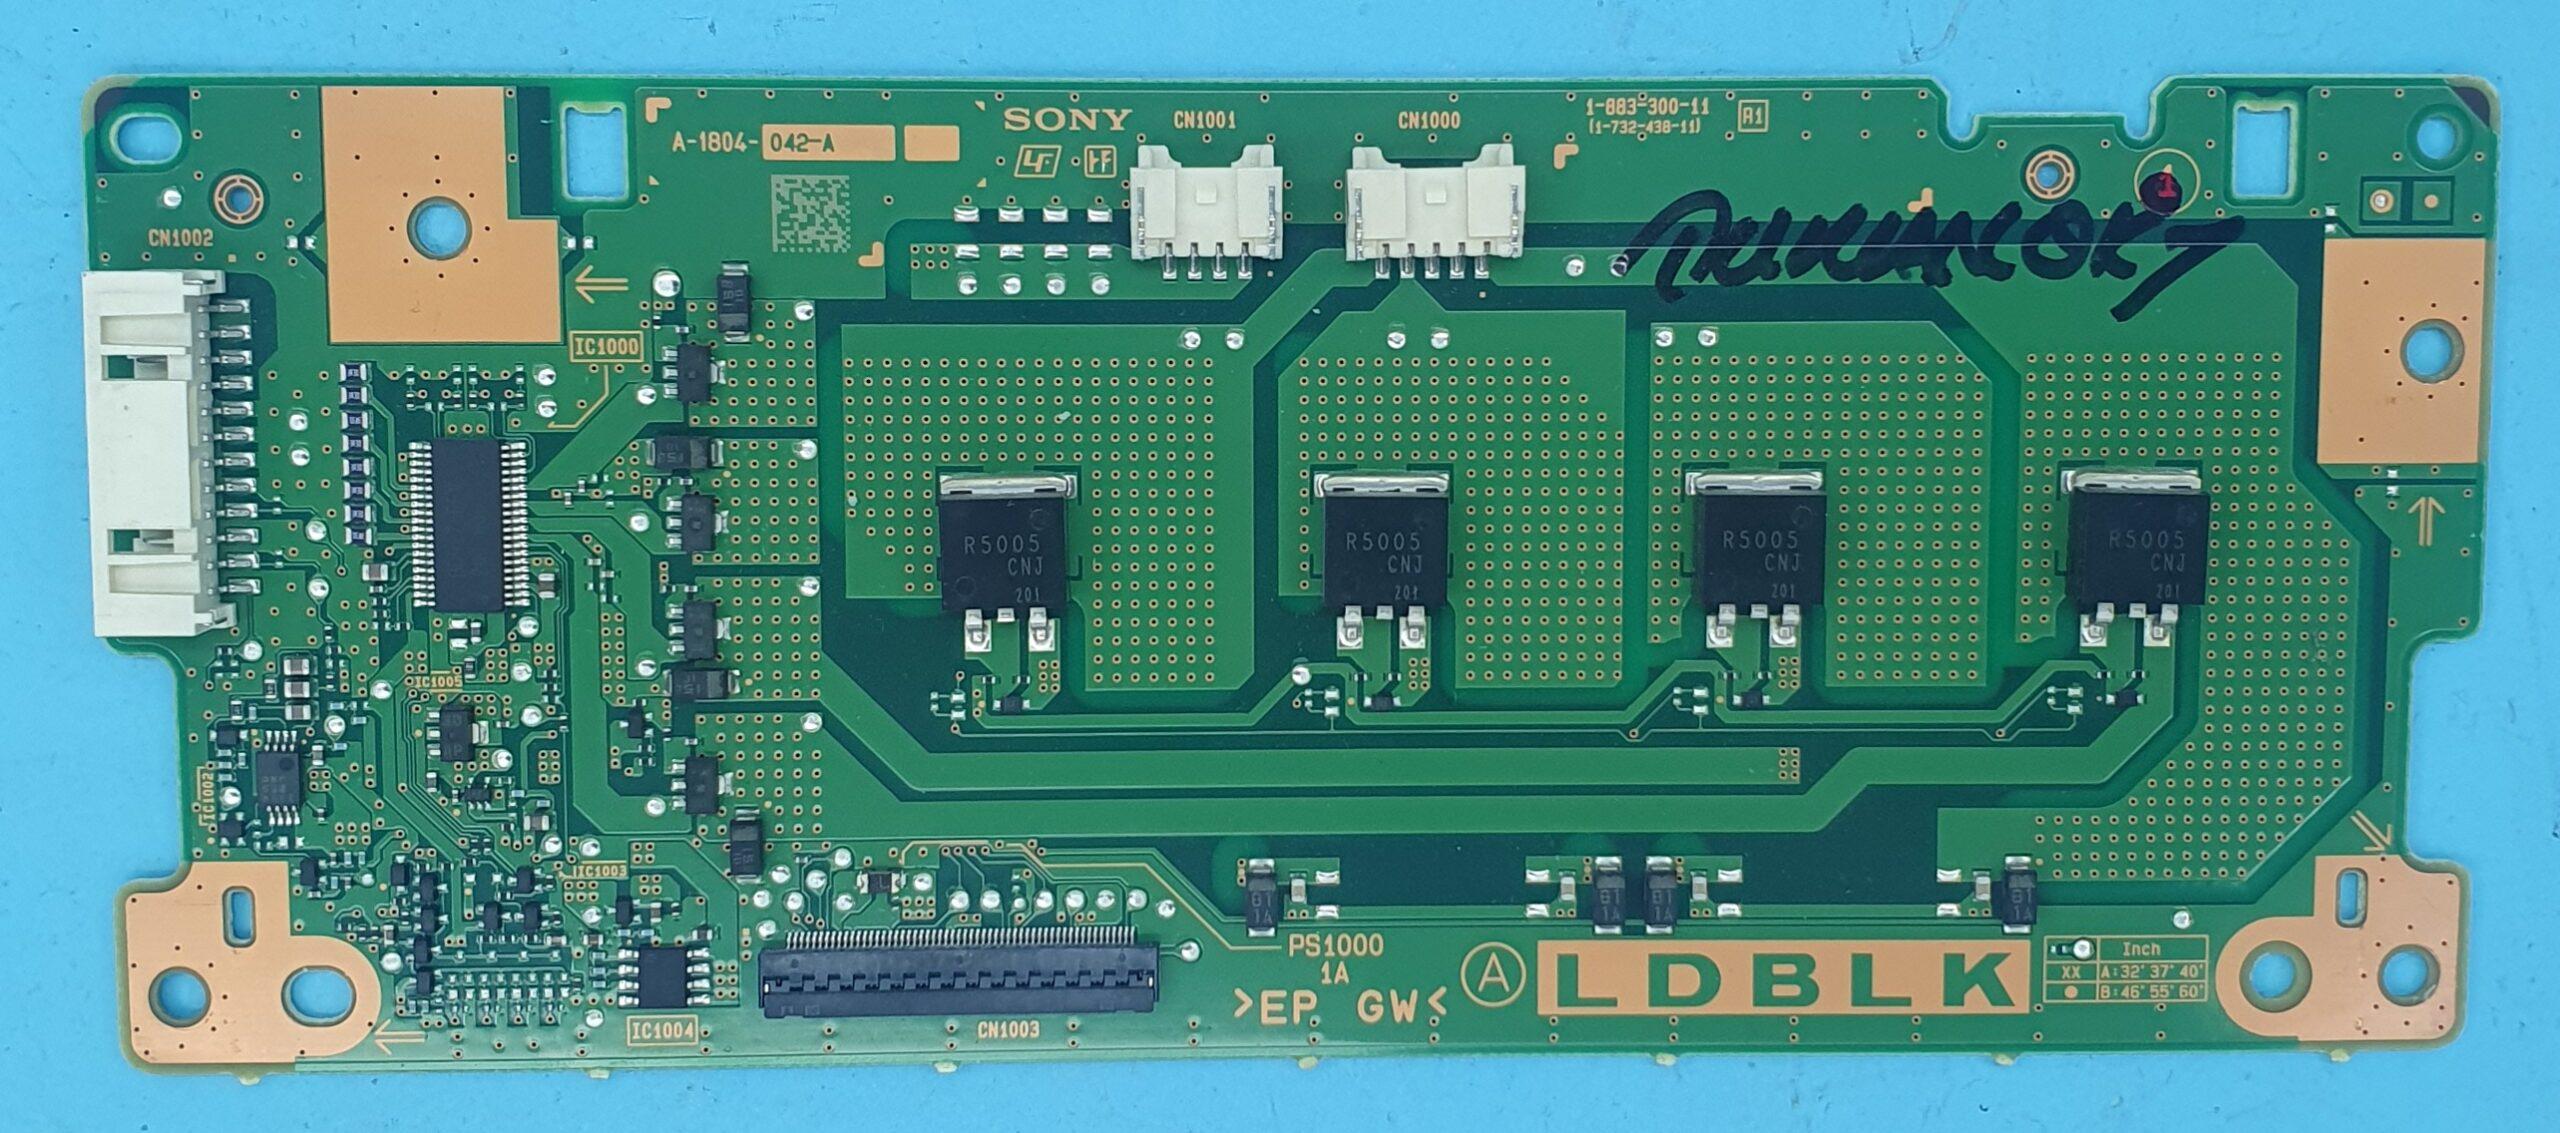 1-883-300-11 SONY LED DRİVER (KDV DAHİL = 118 TL)